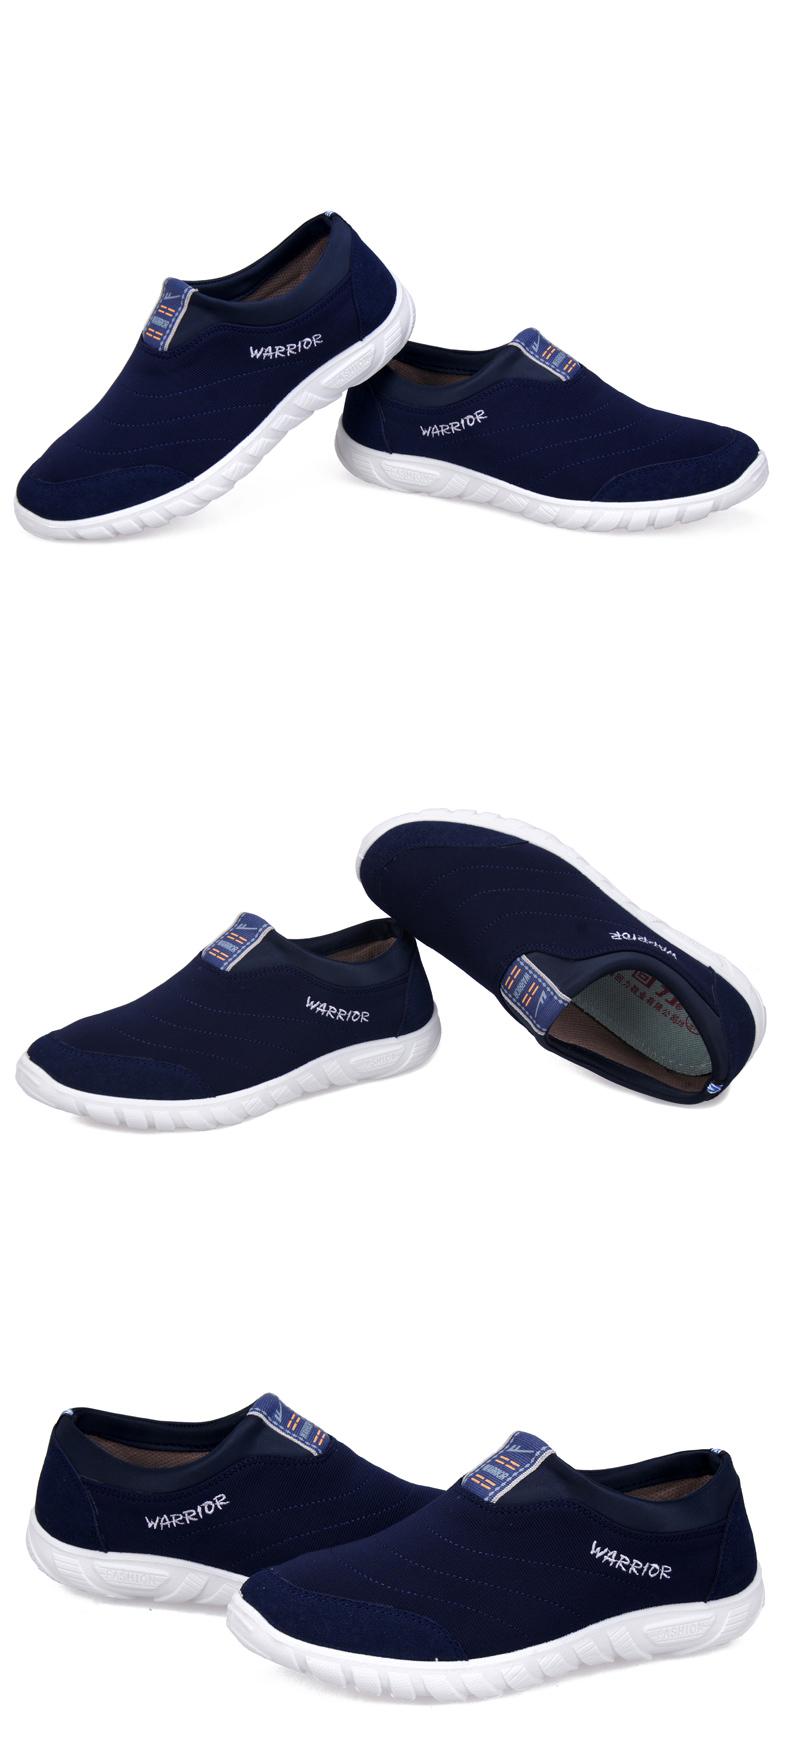 回力男鞋帆布鞋子一脚蹬懒人鞋男士潮流韩版布鞋透气鞋图片二十二